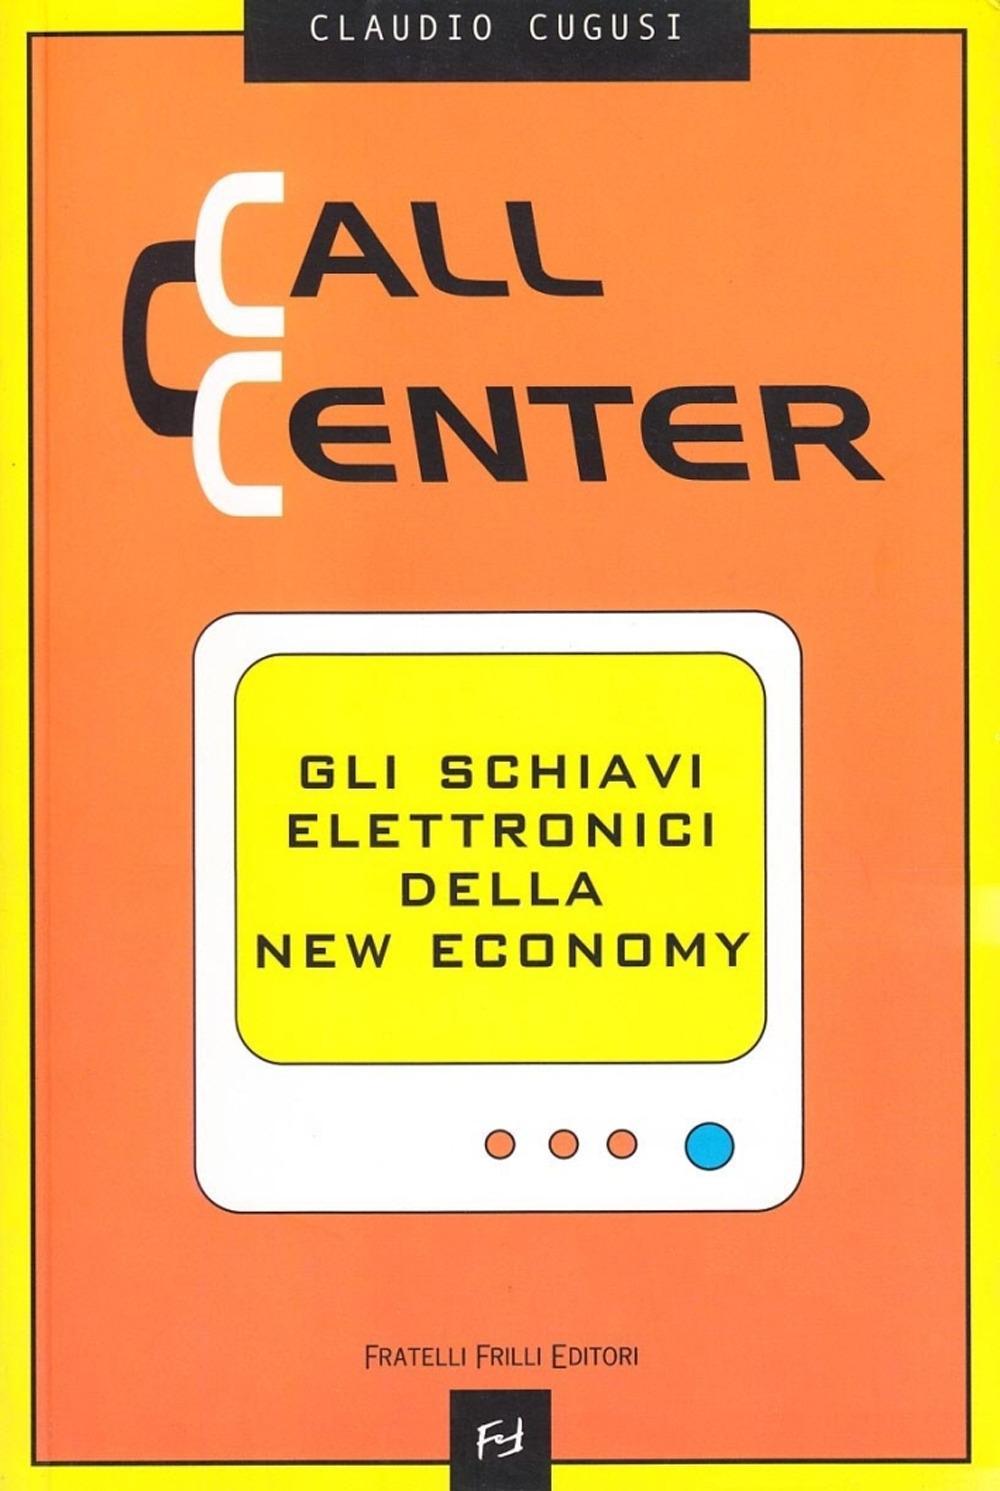 Call center. Gli schiavi elettronici della new economy